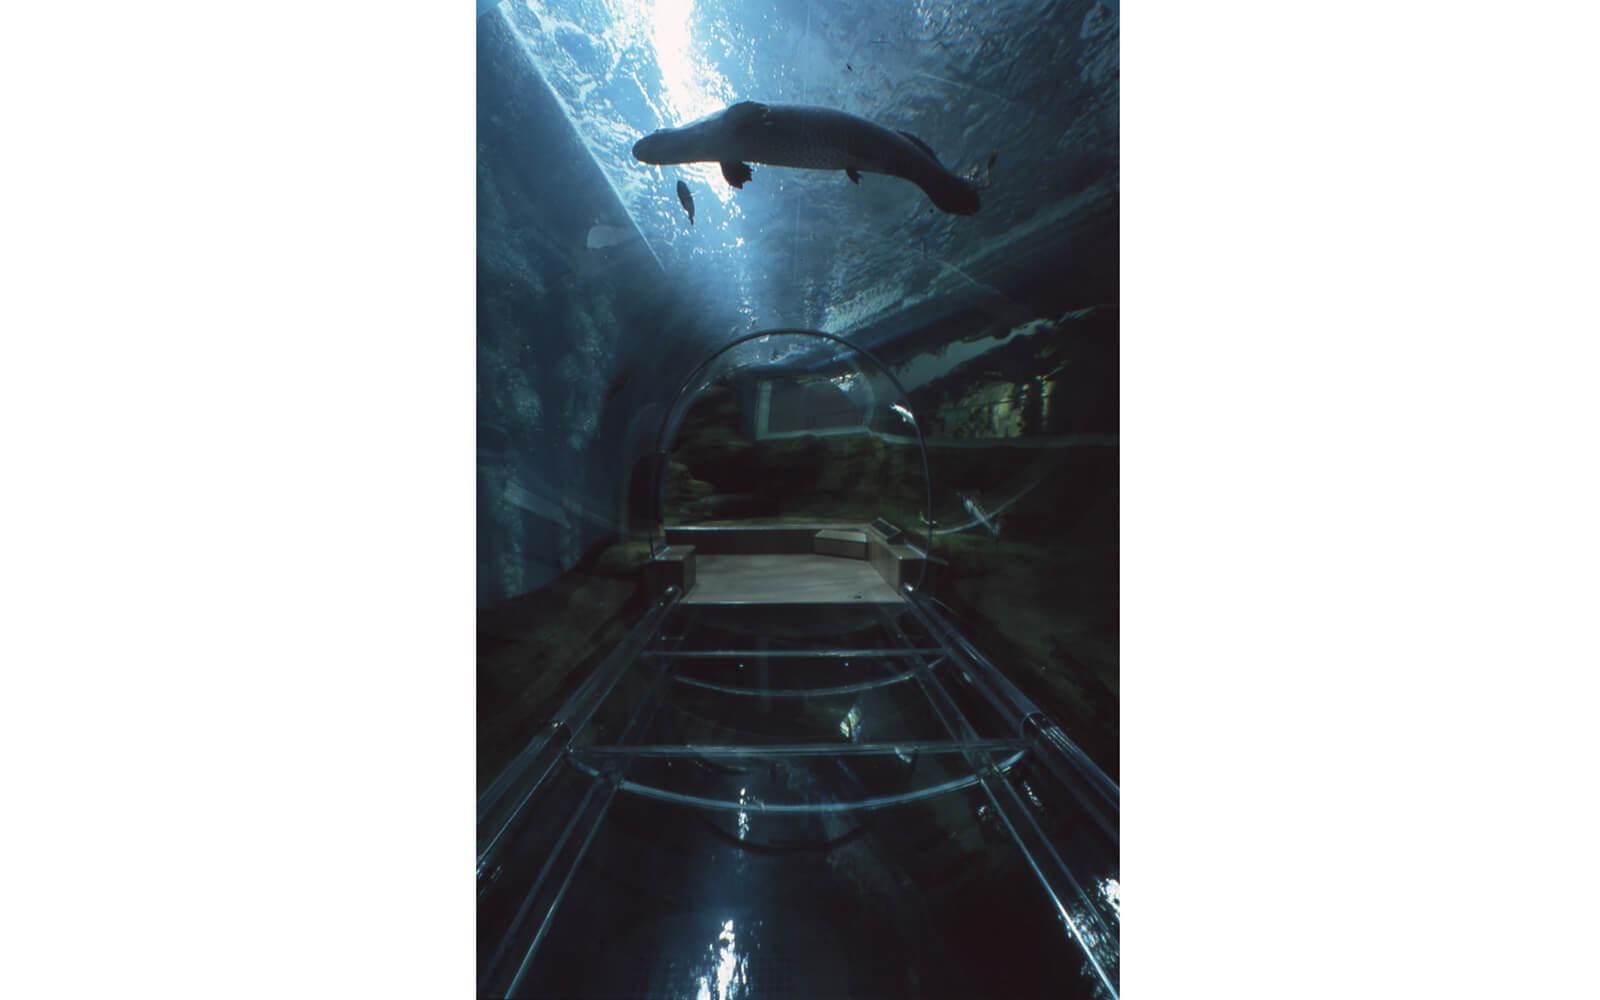 世界初のトンネル水槽が完成